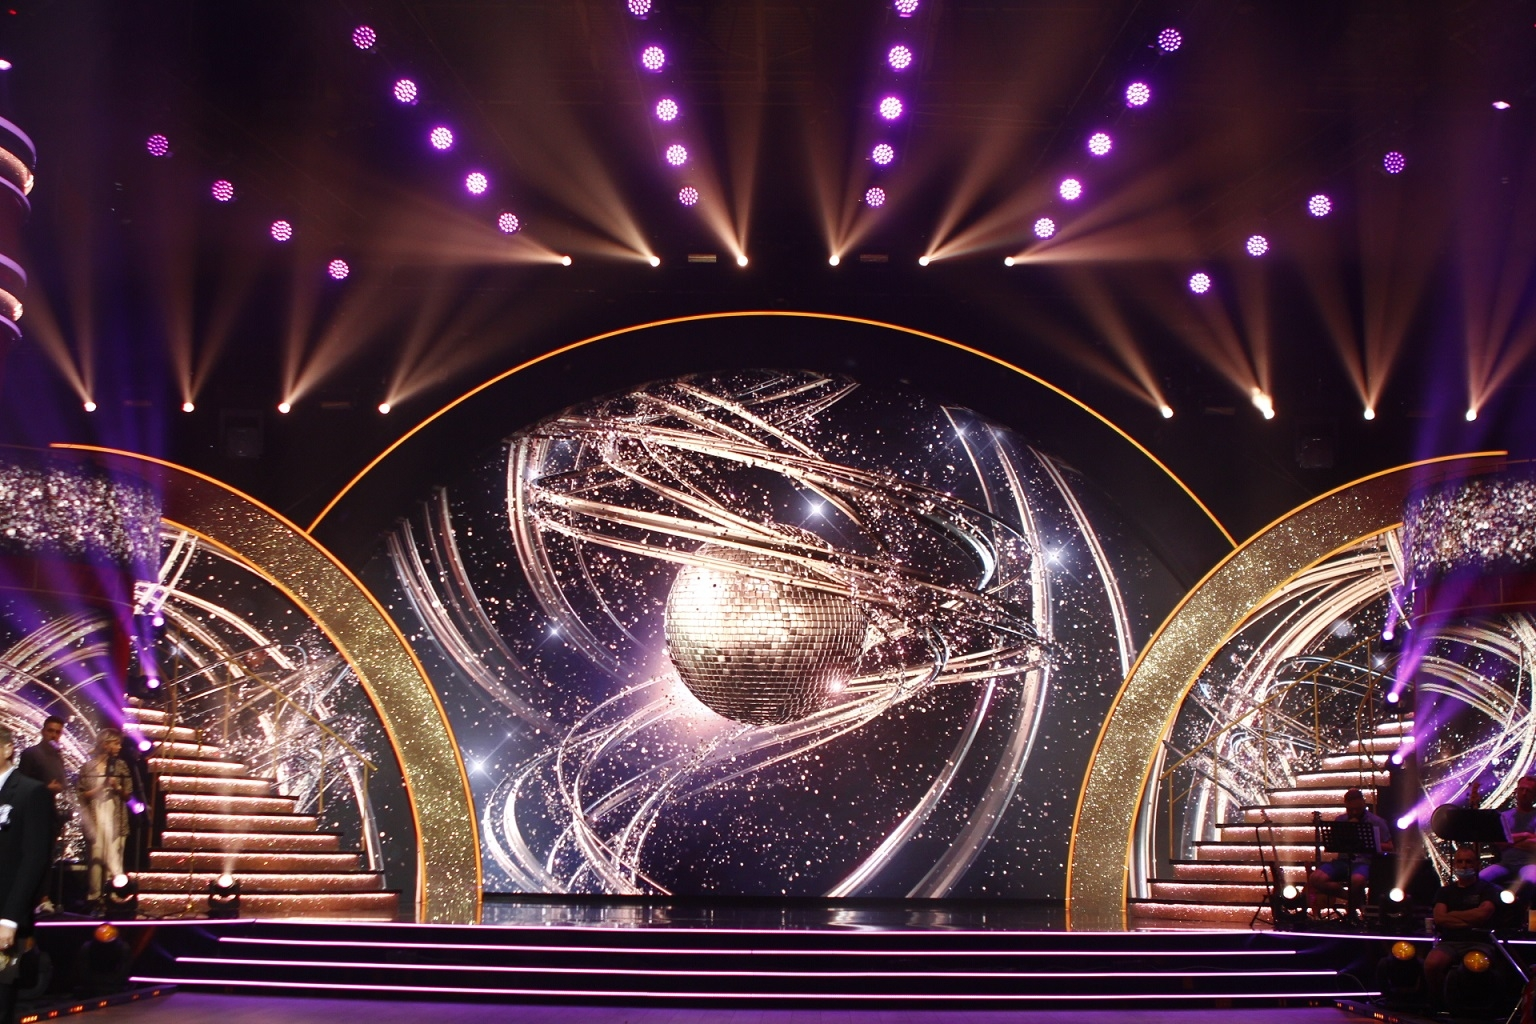 """Танці з зірками"""": прямые эфиры будут проходить без зрителей в связи с карантином выходного дня - фото №1"""